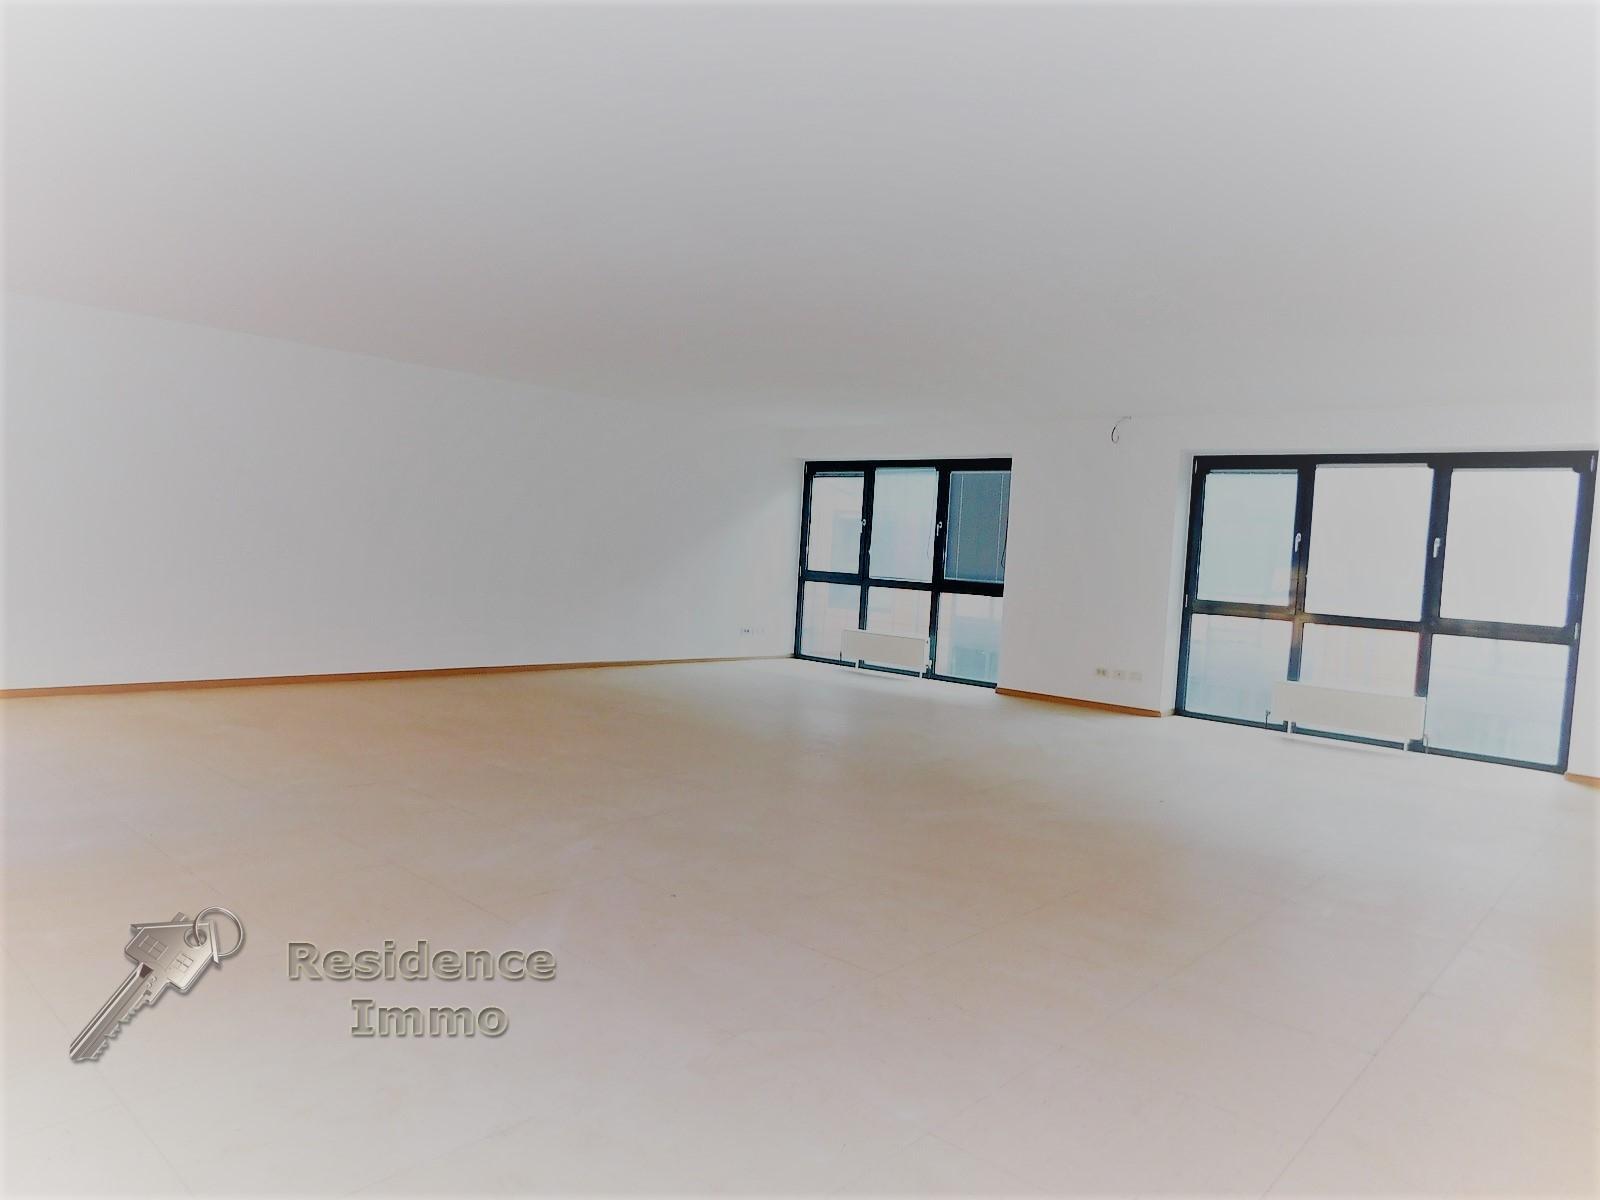 Ufficio / Studio in vendita a Lana, 9999 locali, prezzo € 350.000 | CambioCasa.it